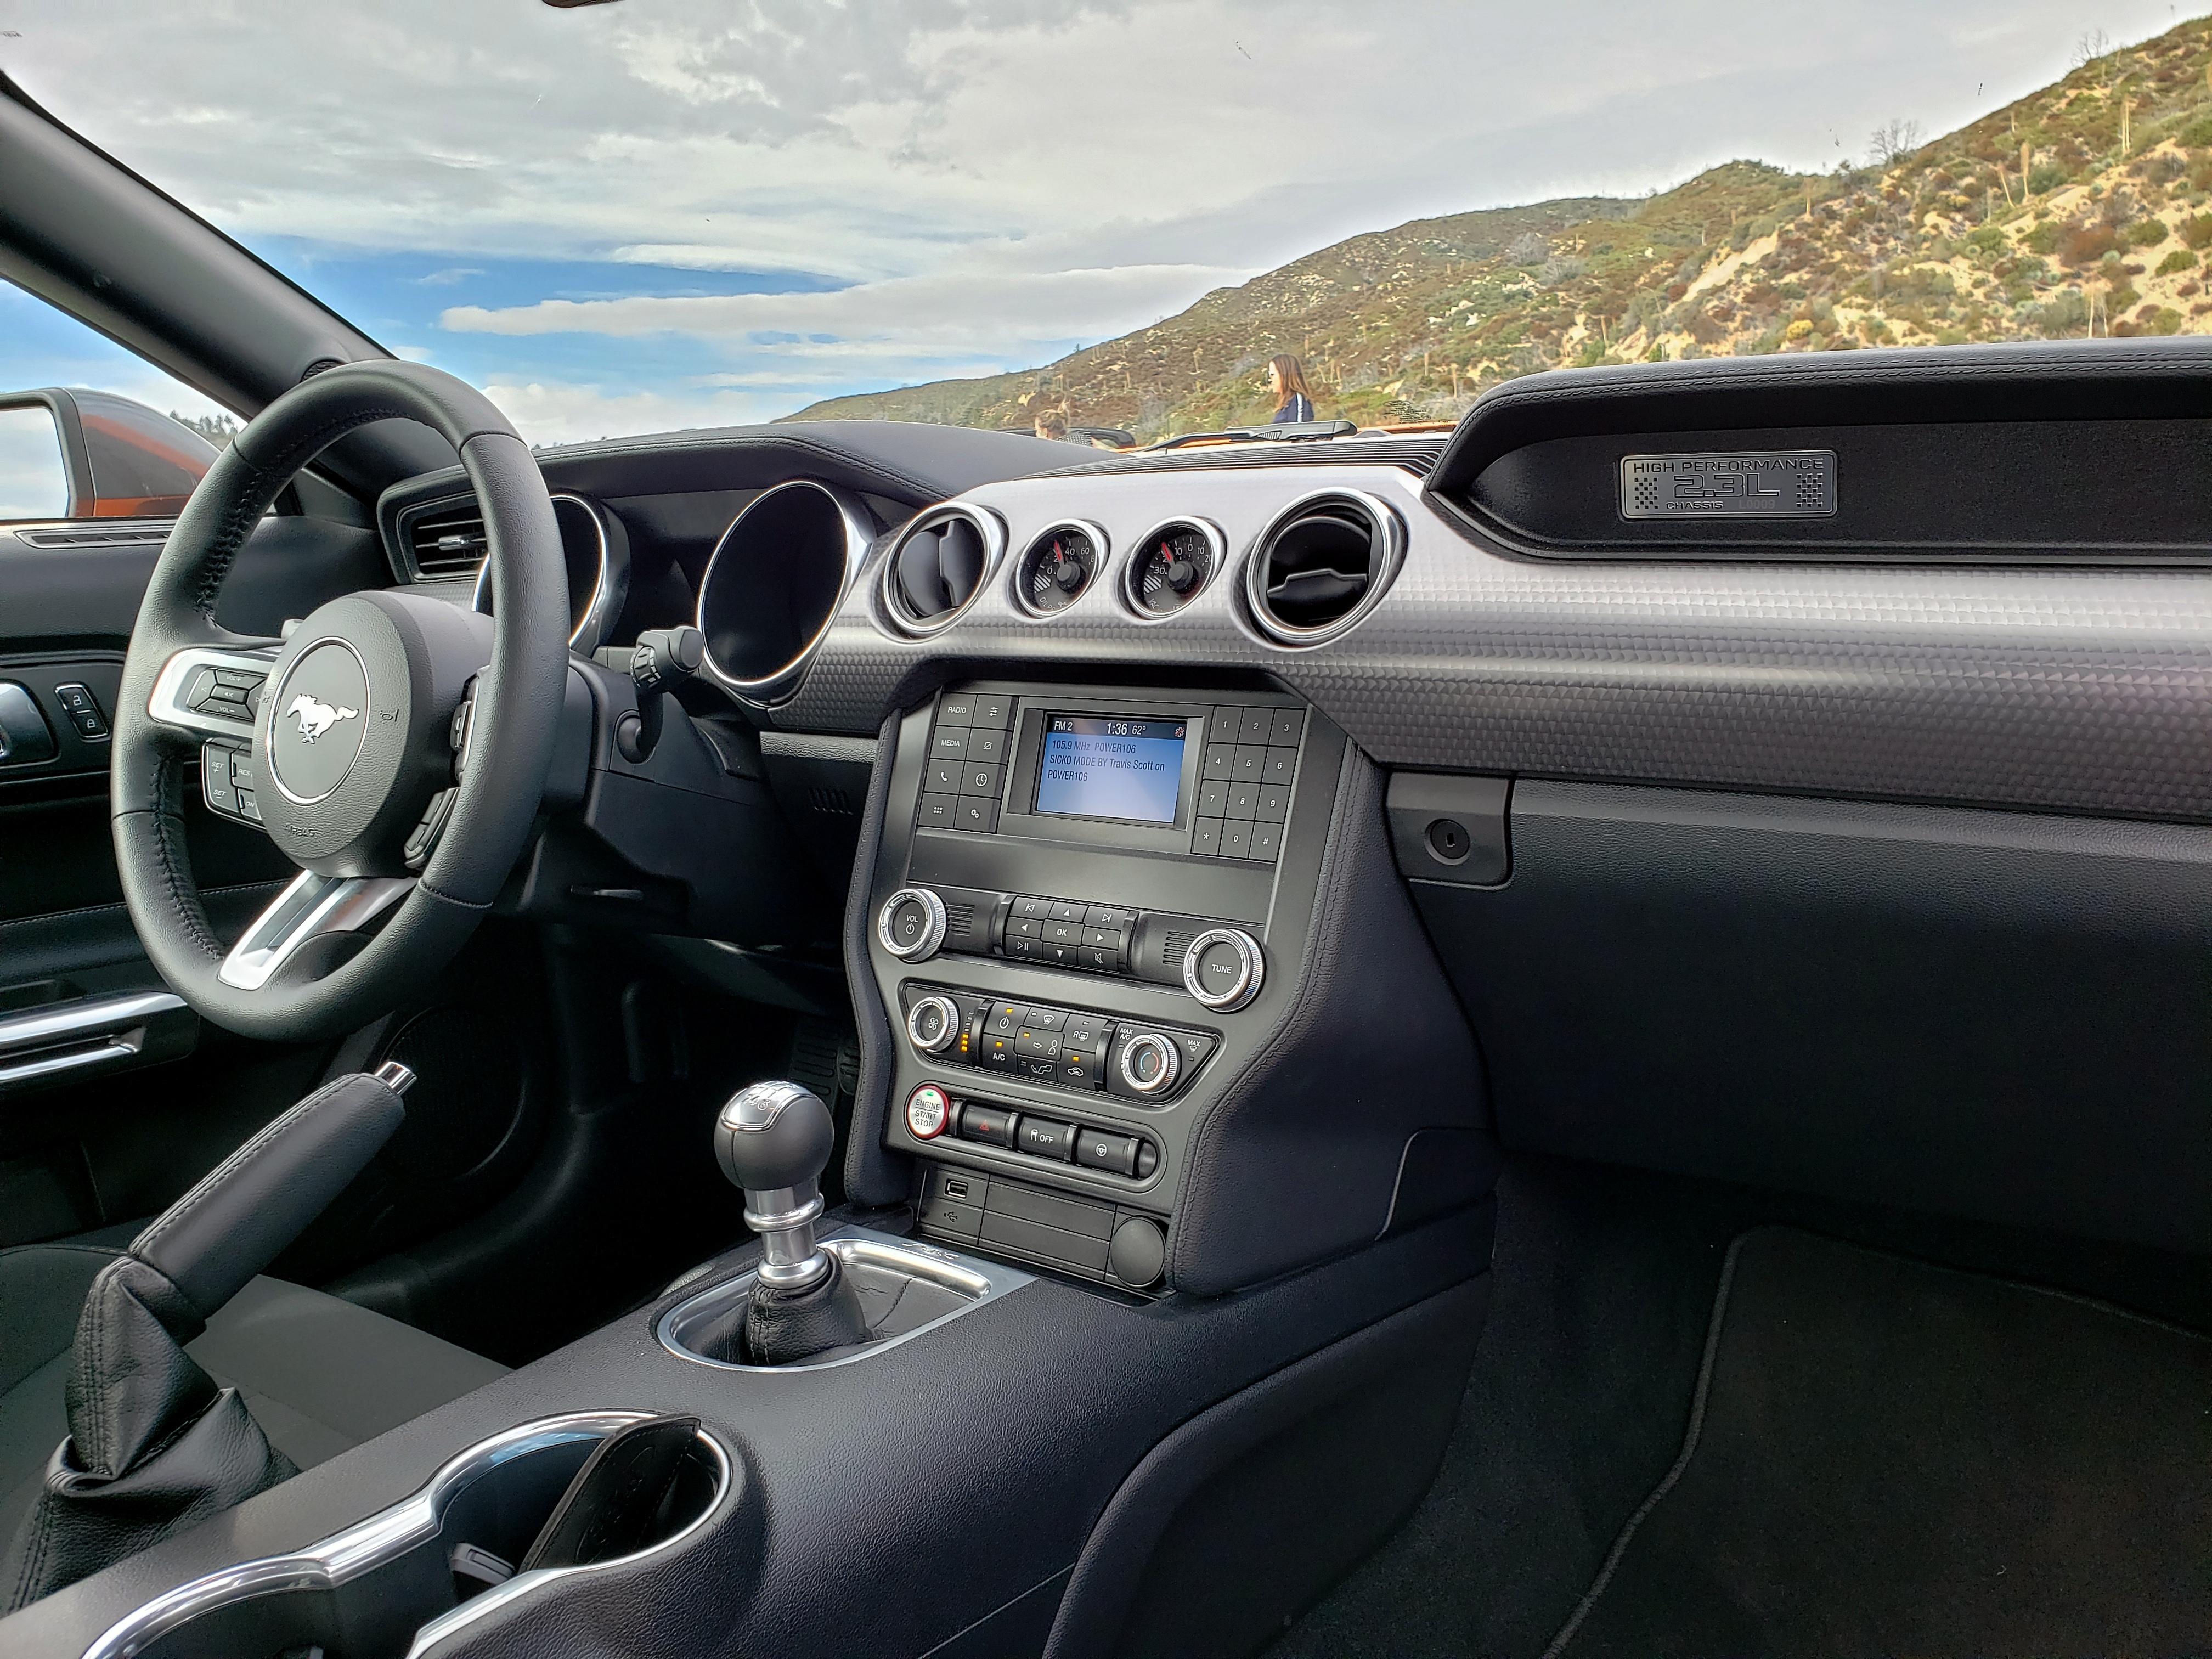 O interior é simples: a tela colorida do rádio serve para ver as imagens da câmera de ré